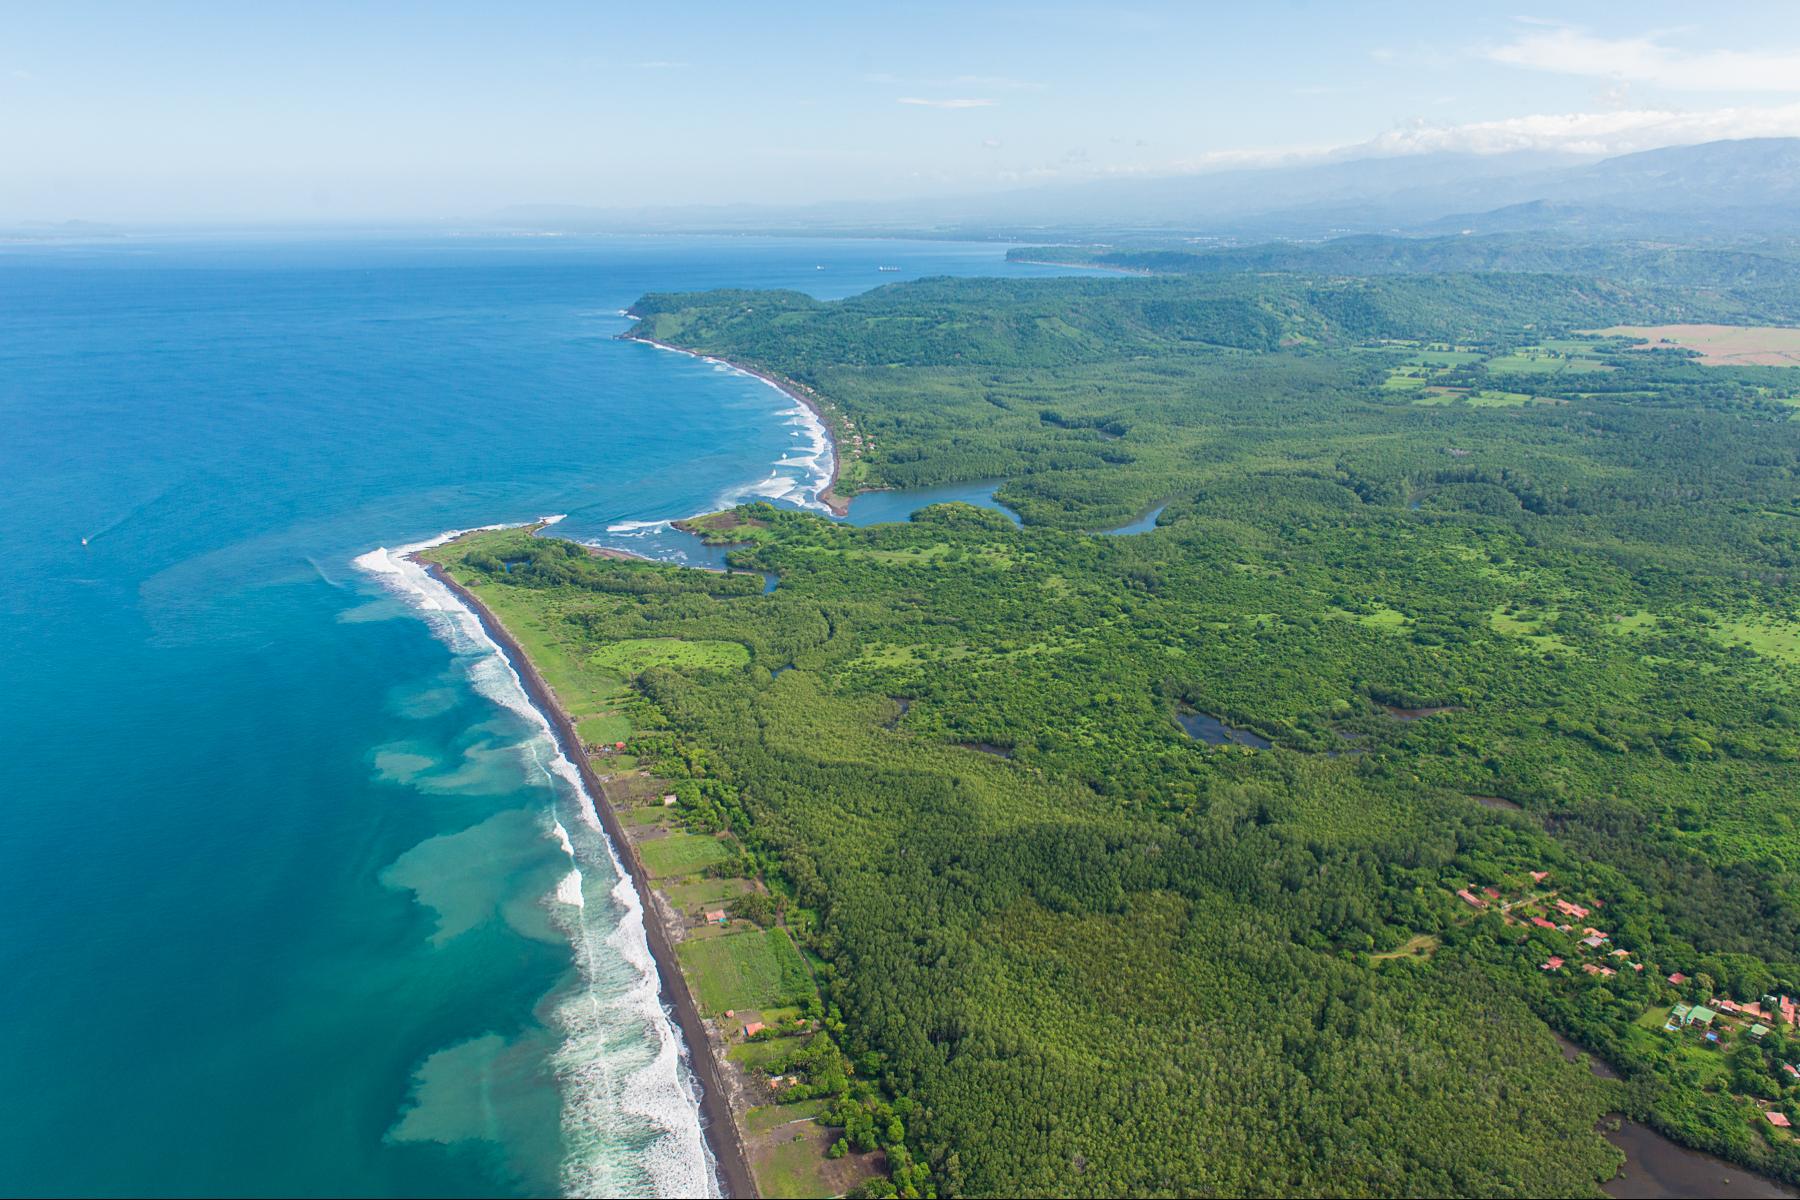 Land for Sale at Punta Loros, Puntarenas Puntarenas, Puntarenas Costa Rica